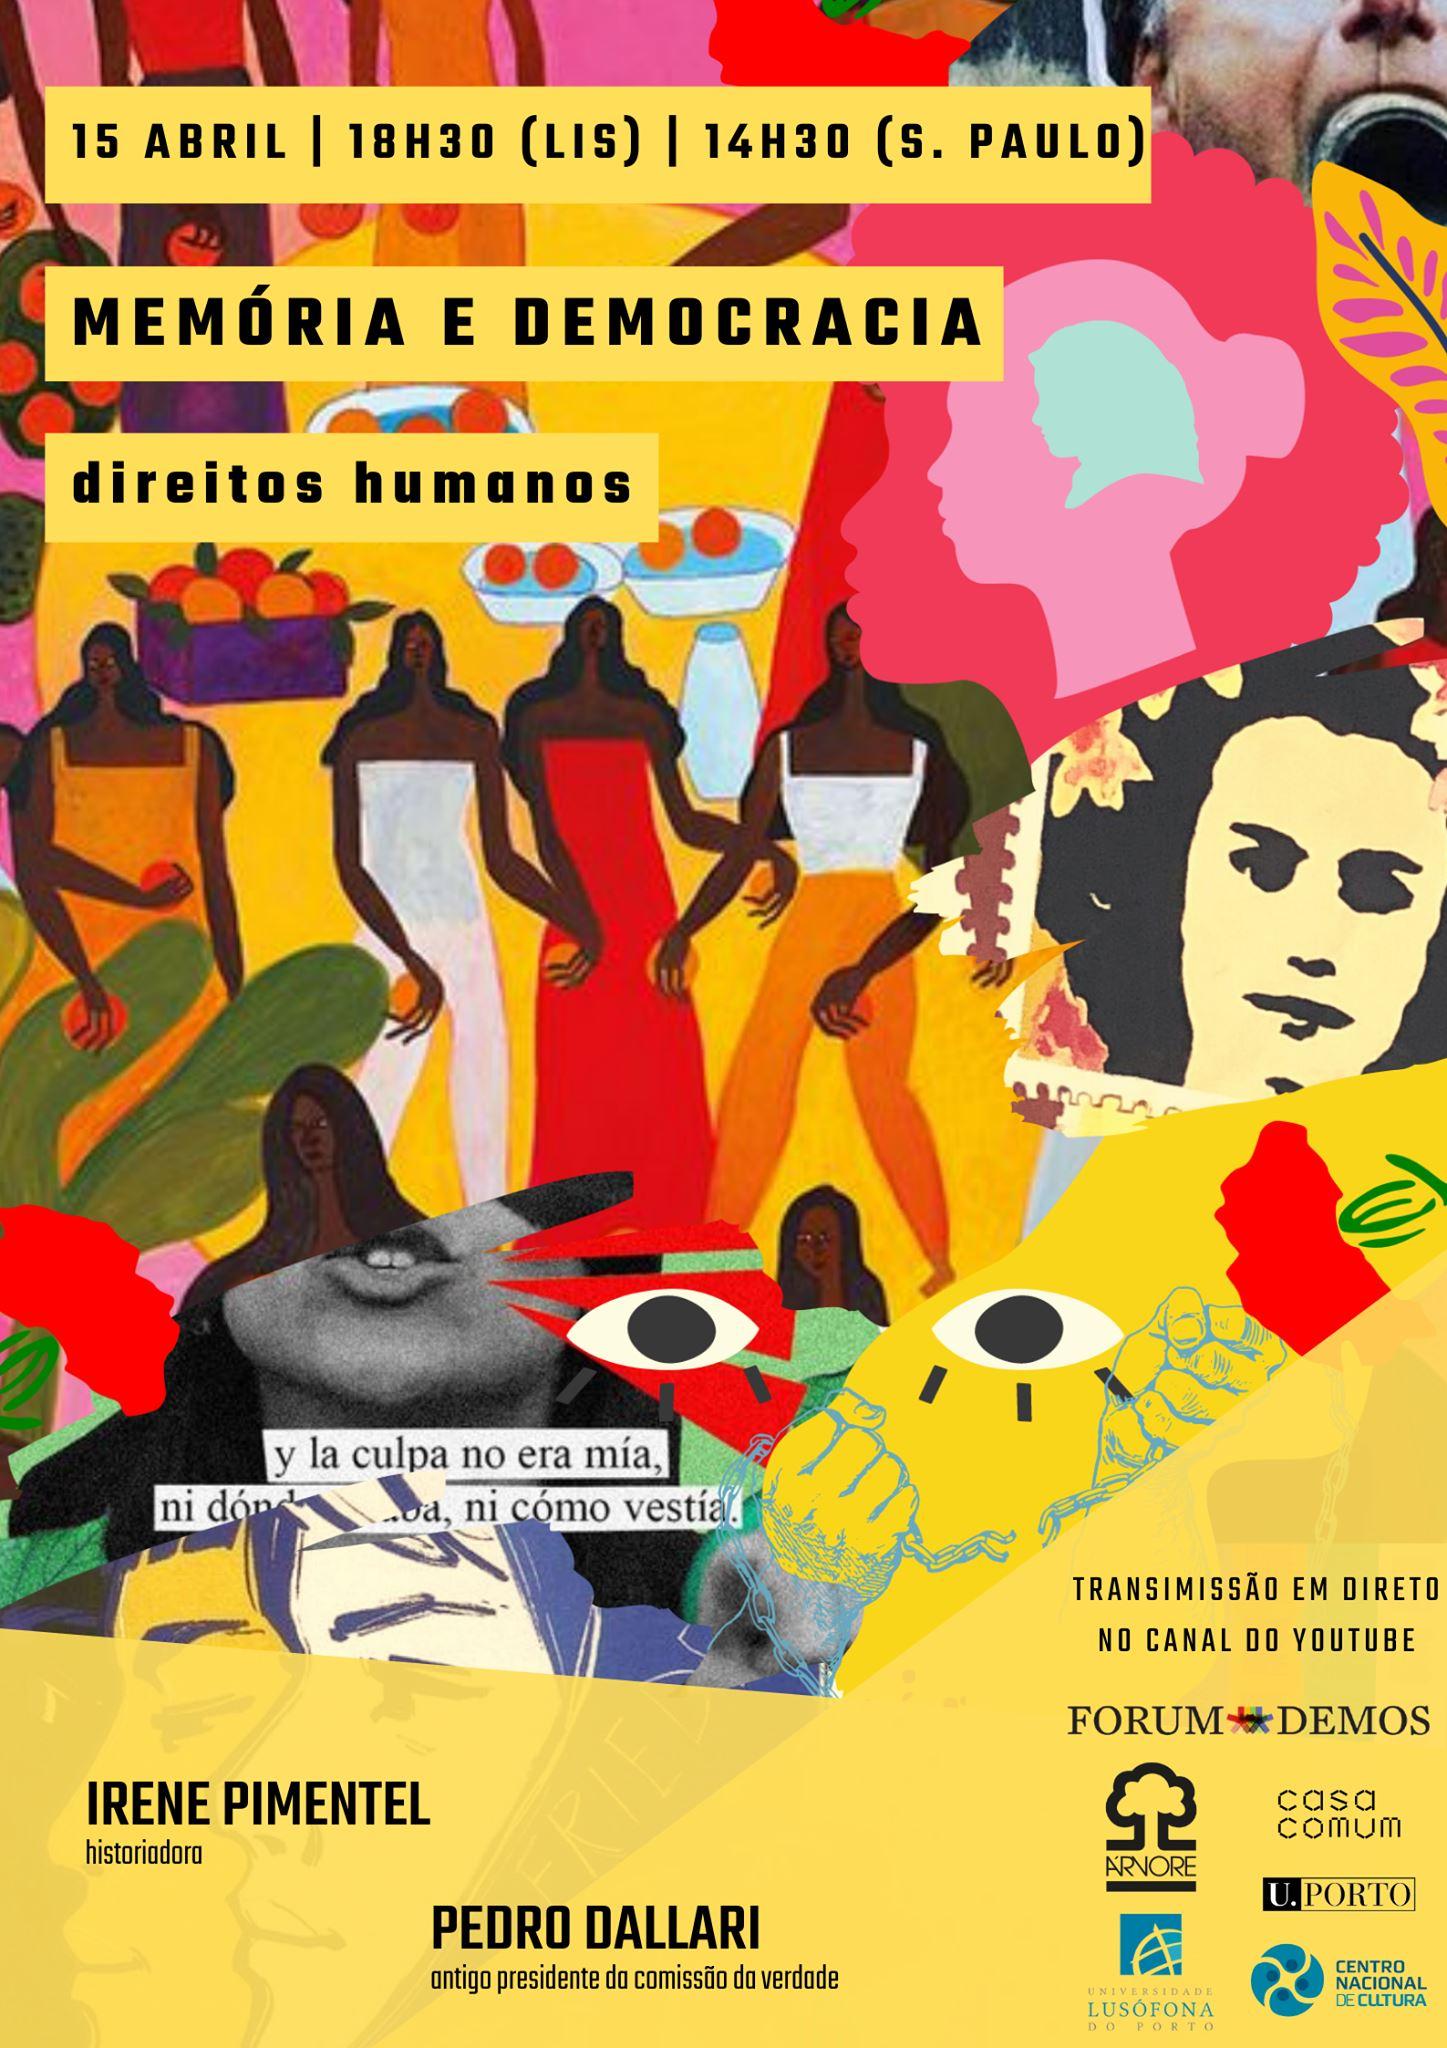 Ciclo de debates | Memória e Democracia – Direitos Humanos com Irene Pimentel e Pedro Dallari